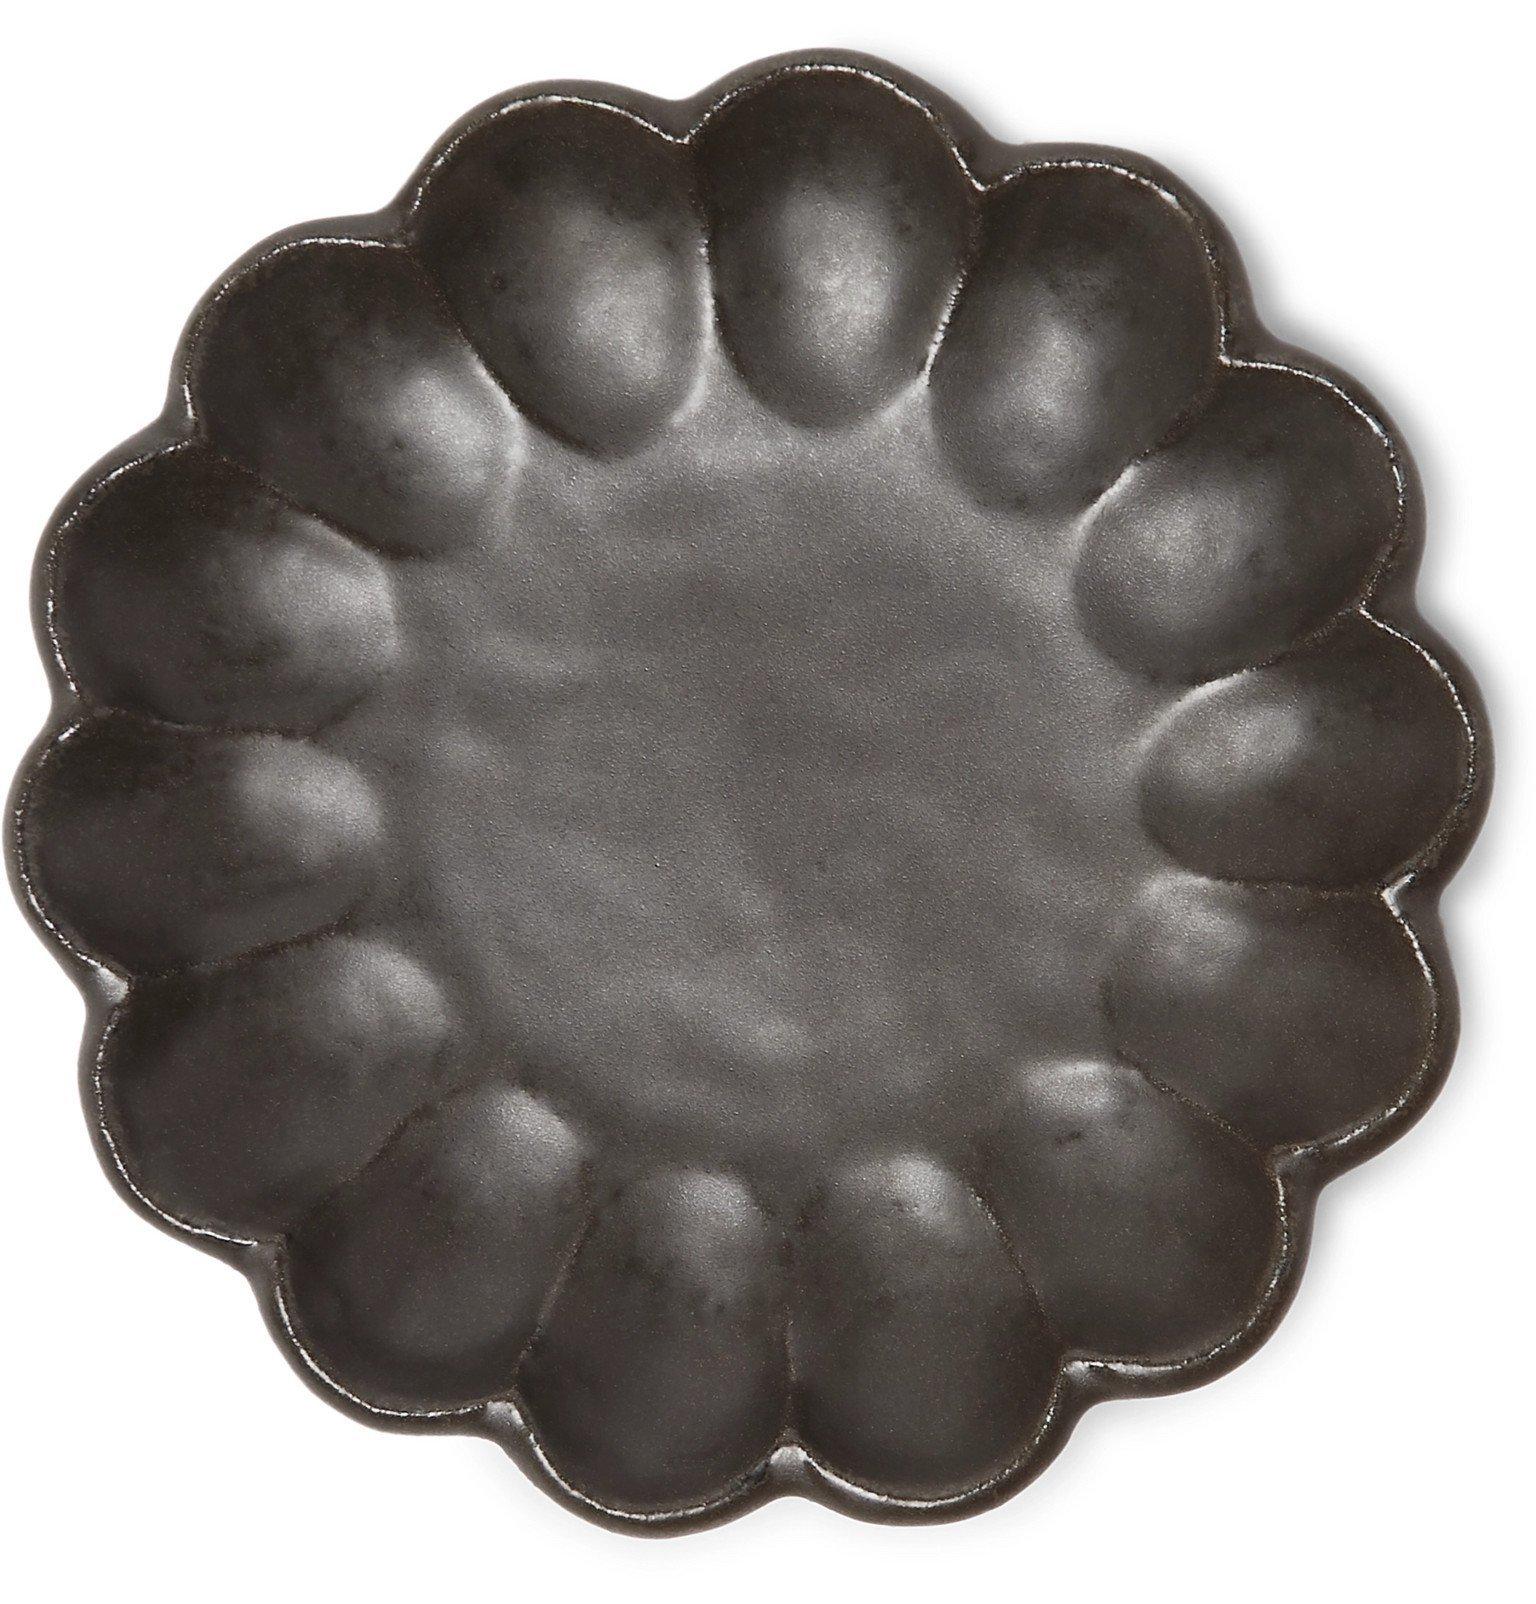 Roman & Williams Guild - Kaneko Kohyo Rinka Clay Plate - Gray